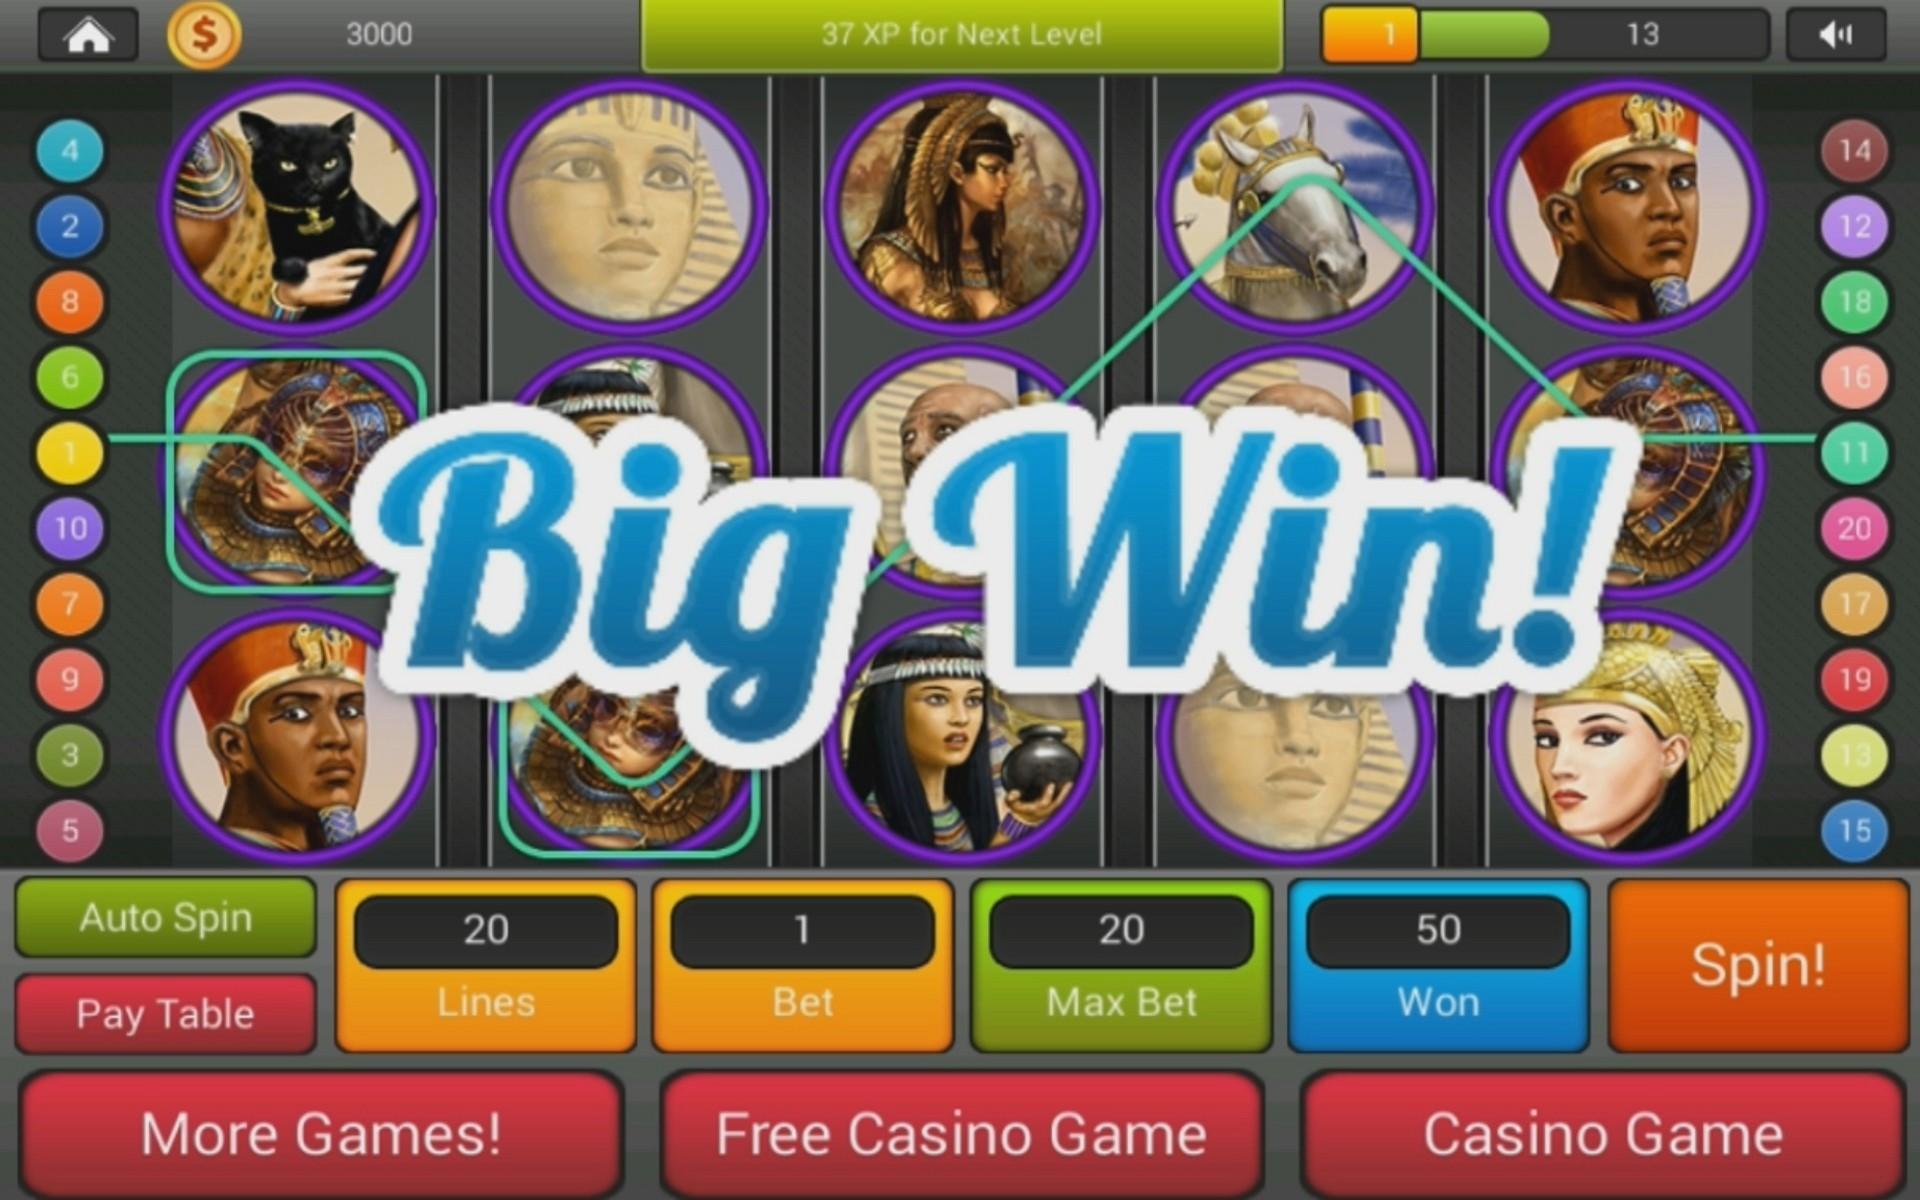 caesars online casino faust slot machine